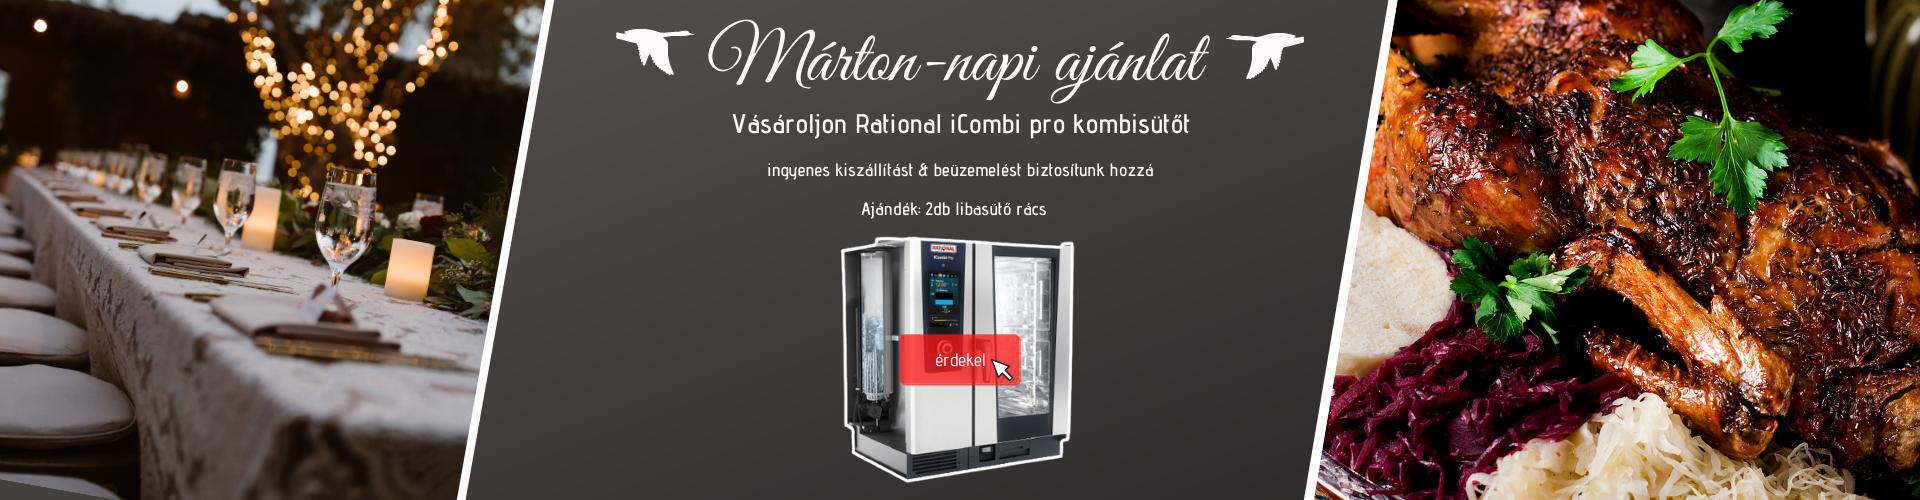 Marton_nap_nyito banner